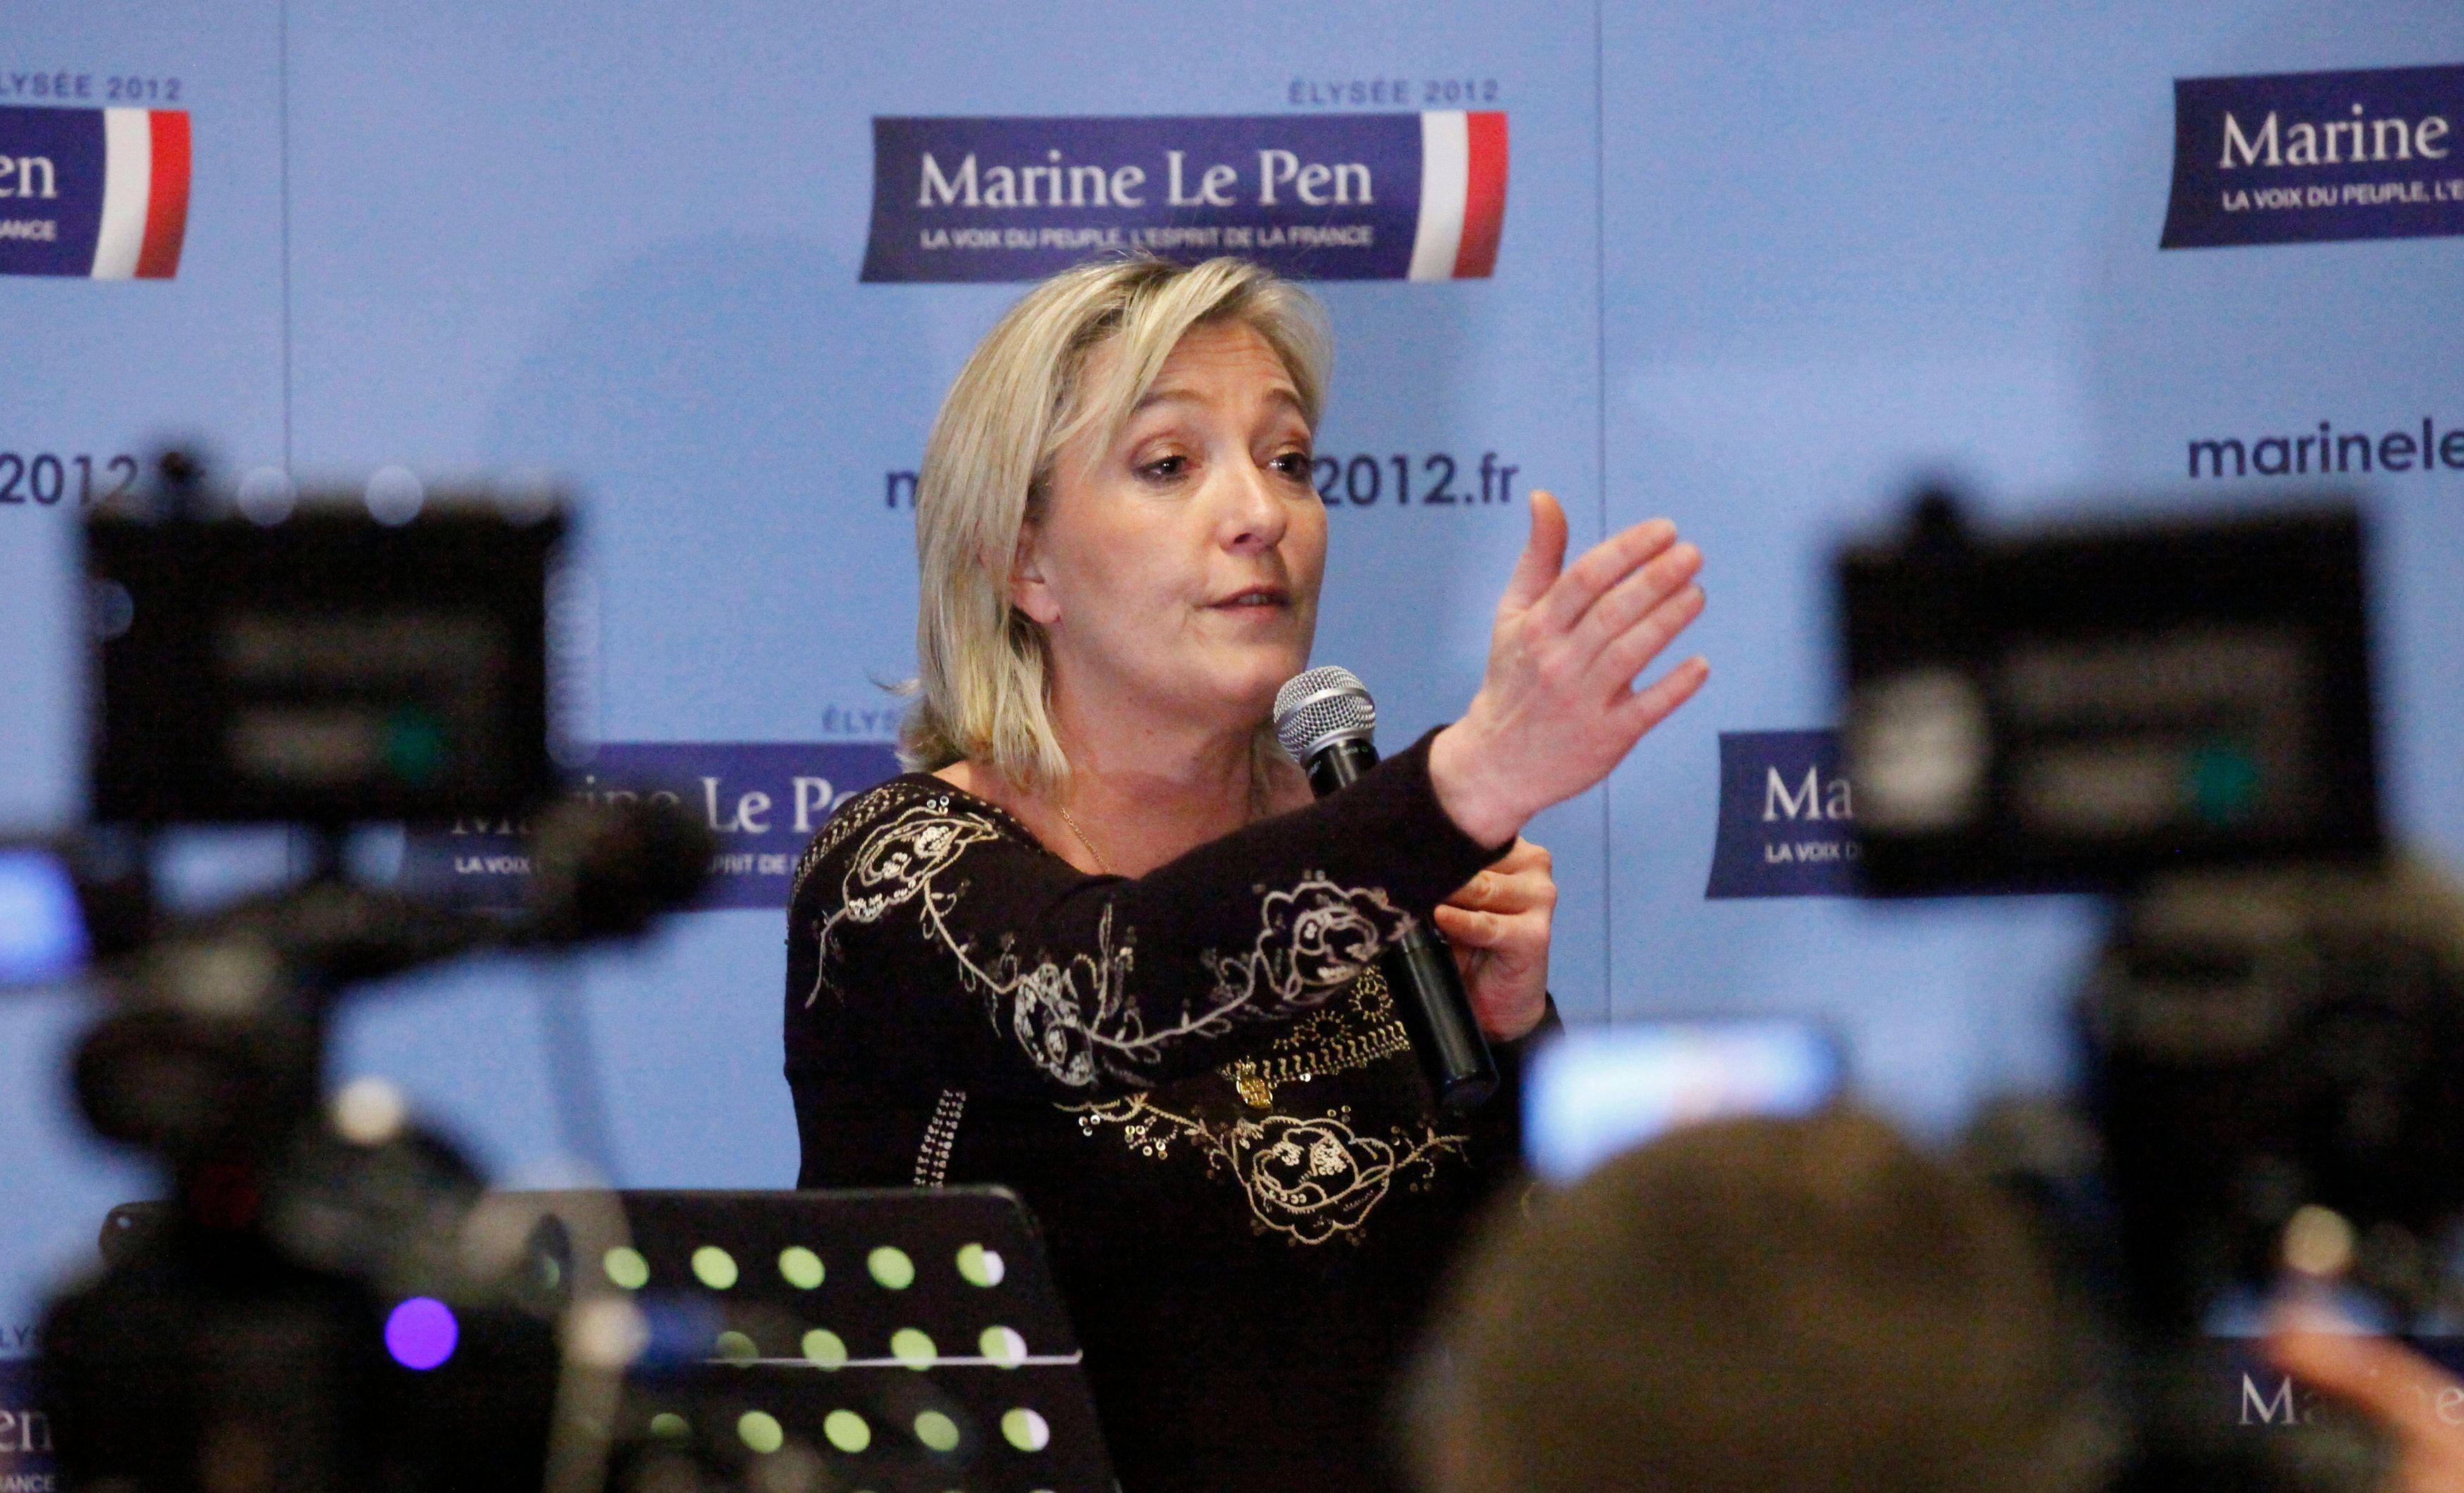 25% des Français estiment que le FN s'en sortirait mieux au pouvoir que la droite ou la gauche